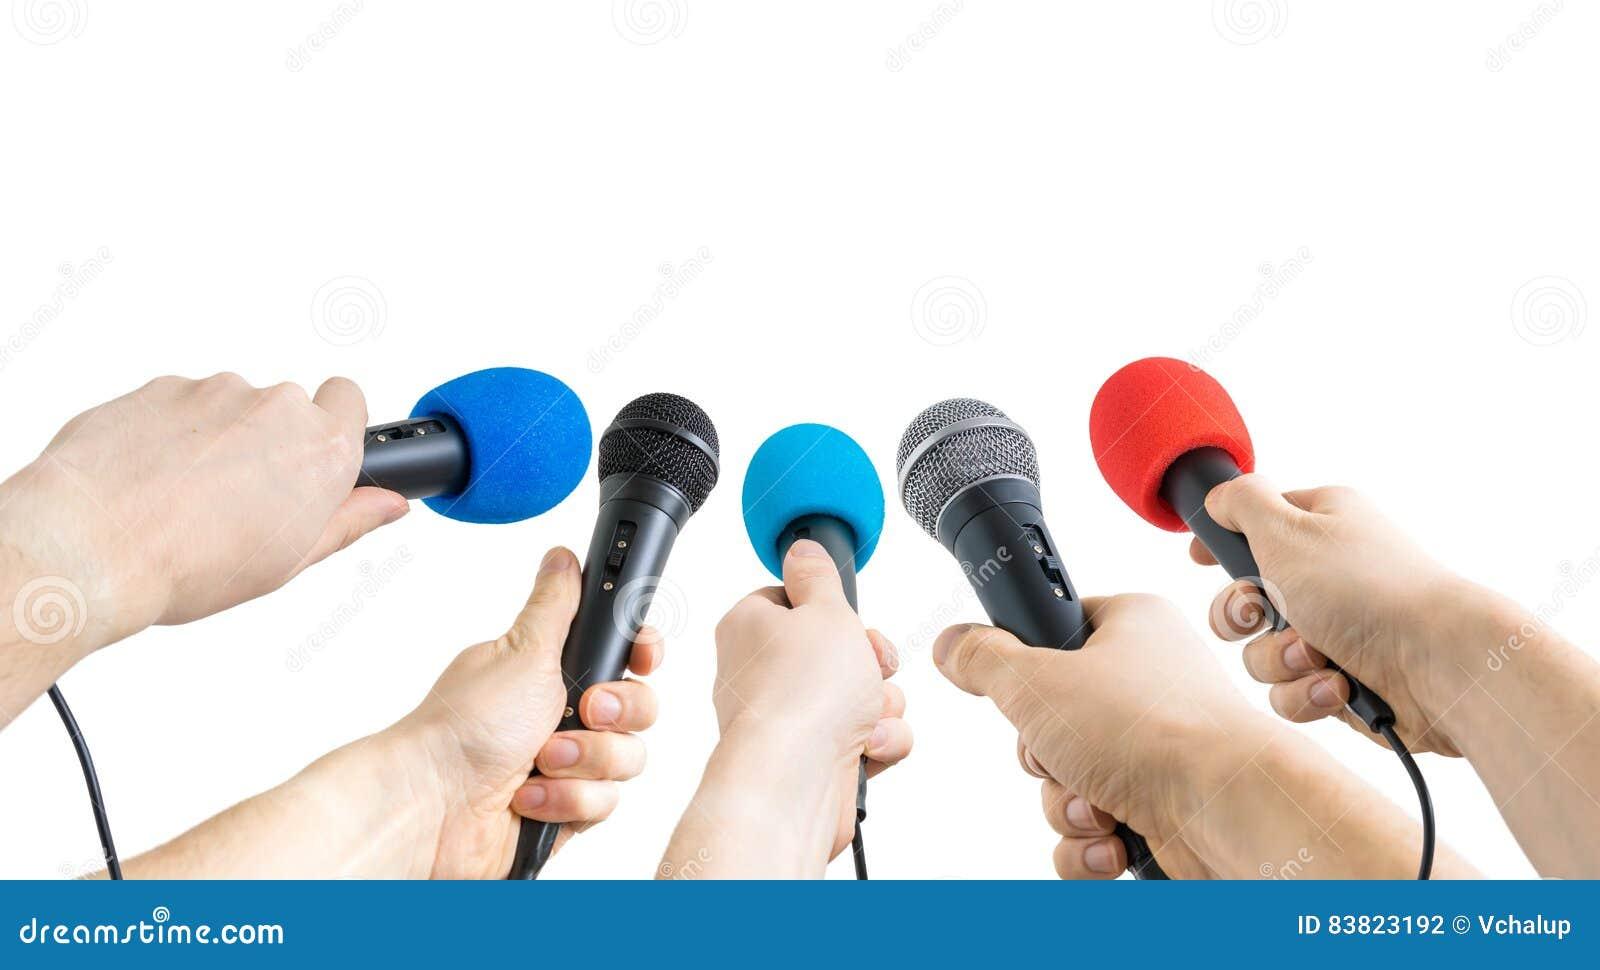 Концепция публицистики и конференции Много микрофонов владением рук репортера